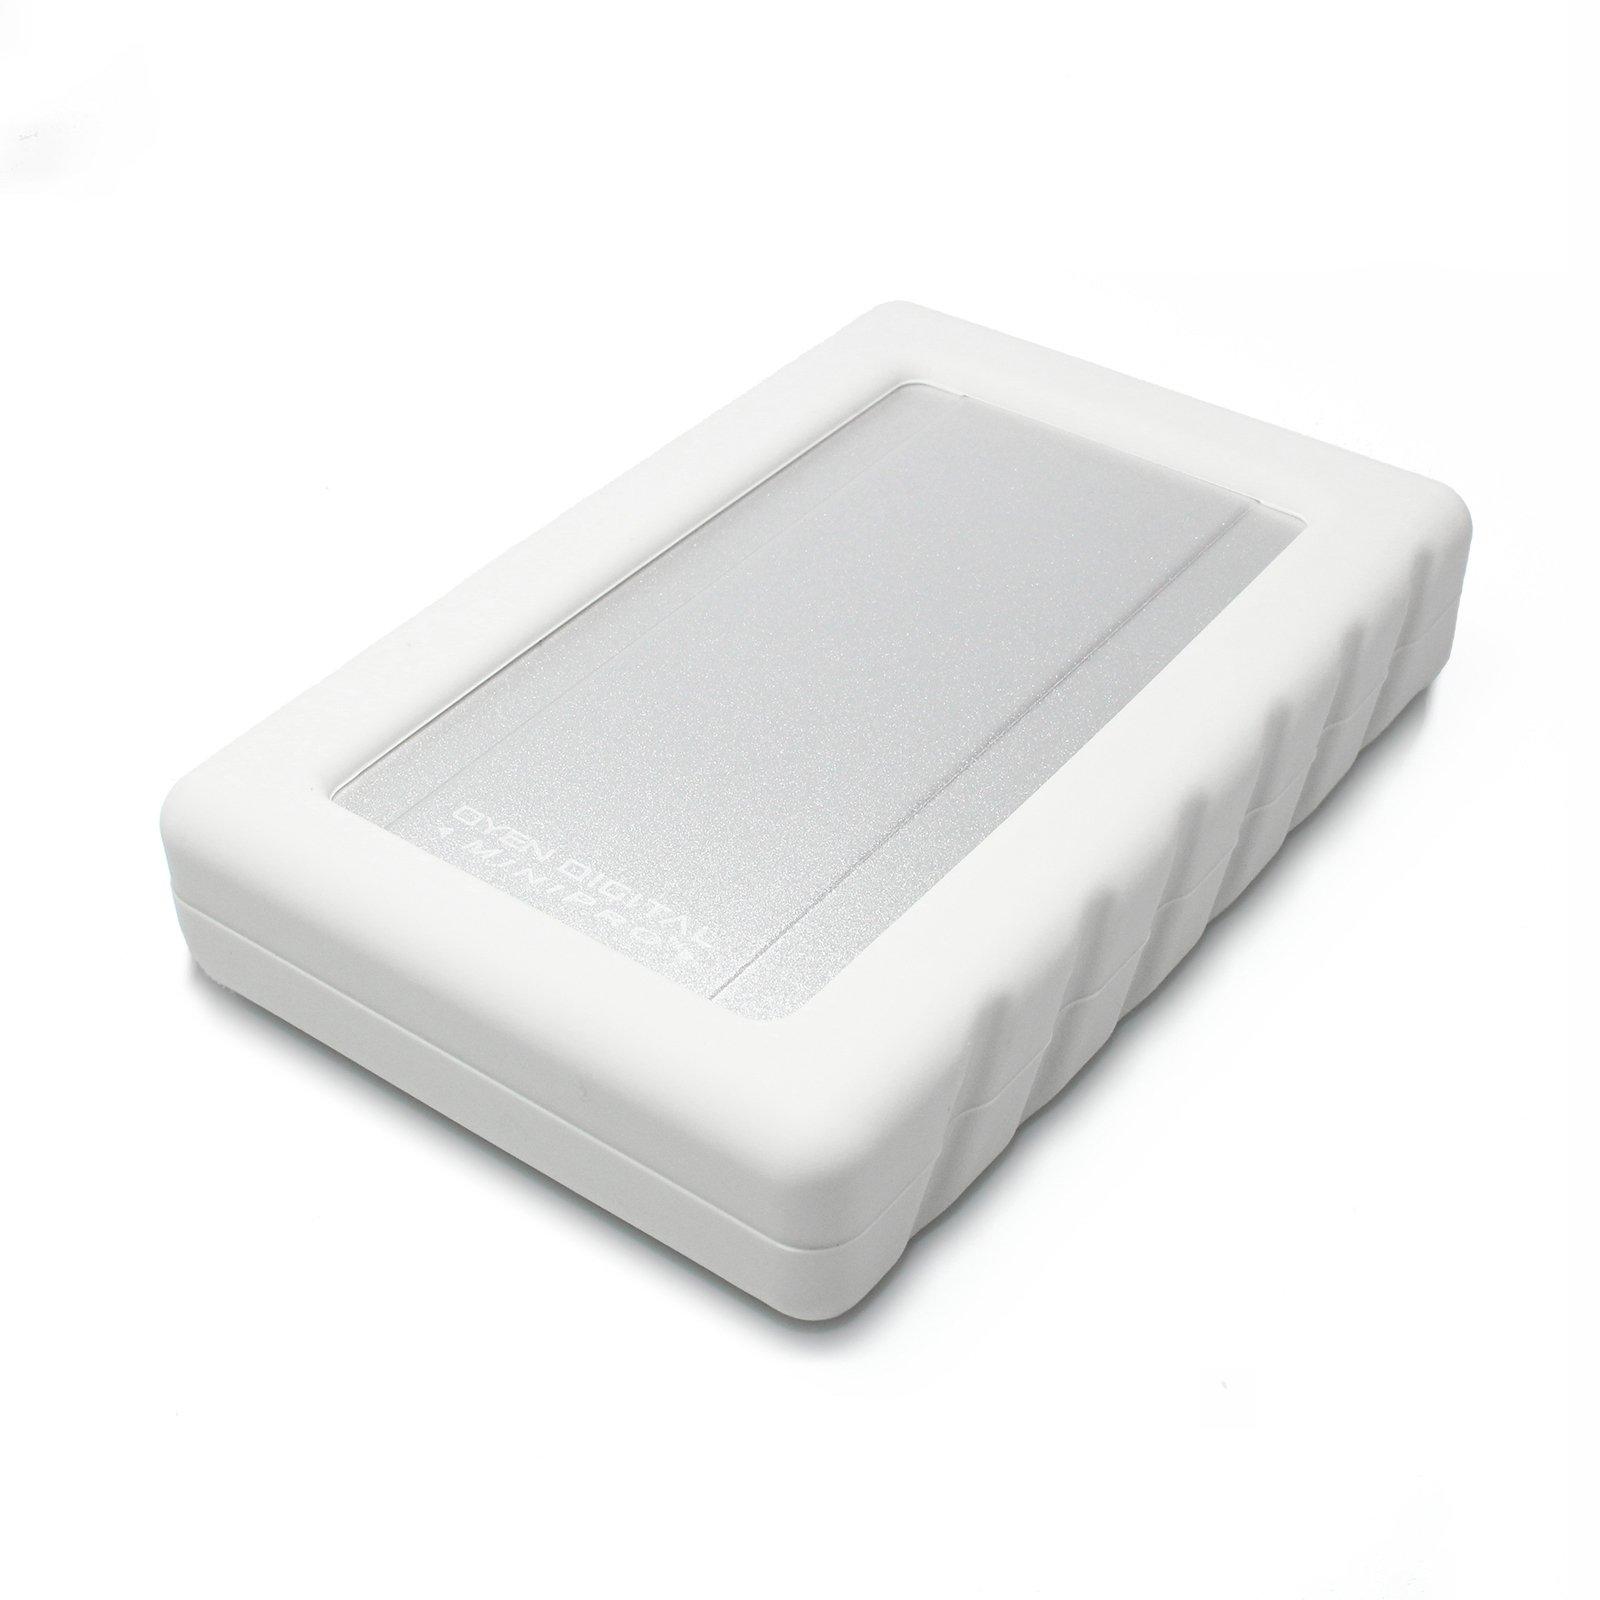 Oyen Digital MiniPro Dura USB-C (USB 3.1) 1TB Rugged Portable Solid State Drive SSD (DU31M-C25-SS-1T-SL)